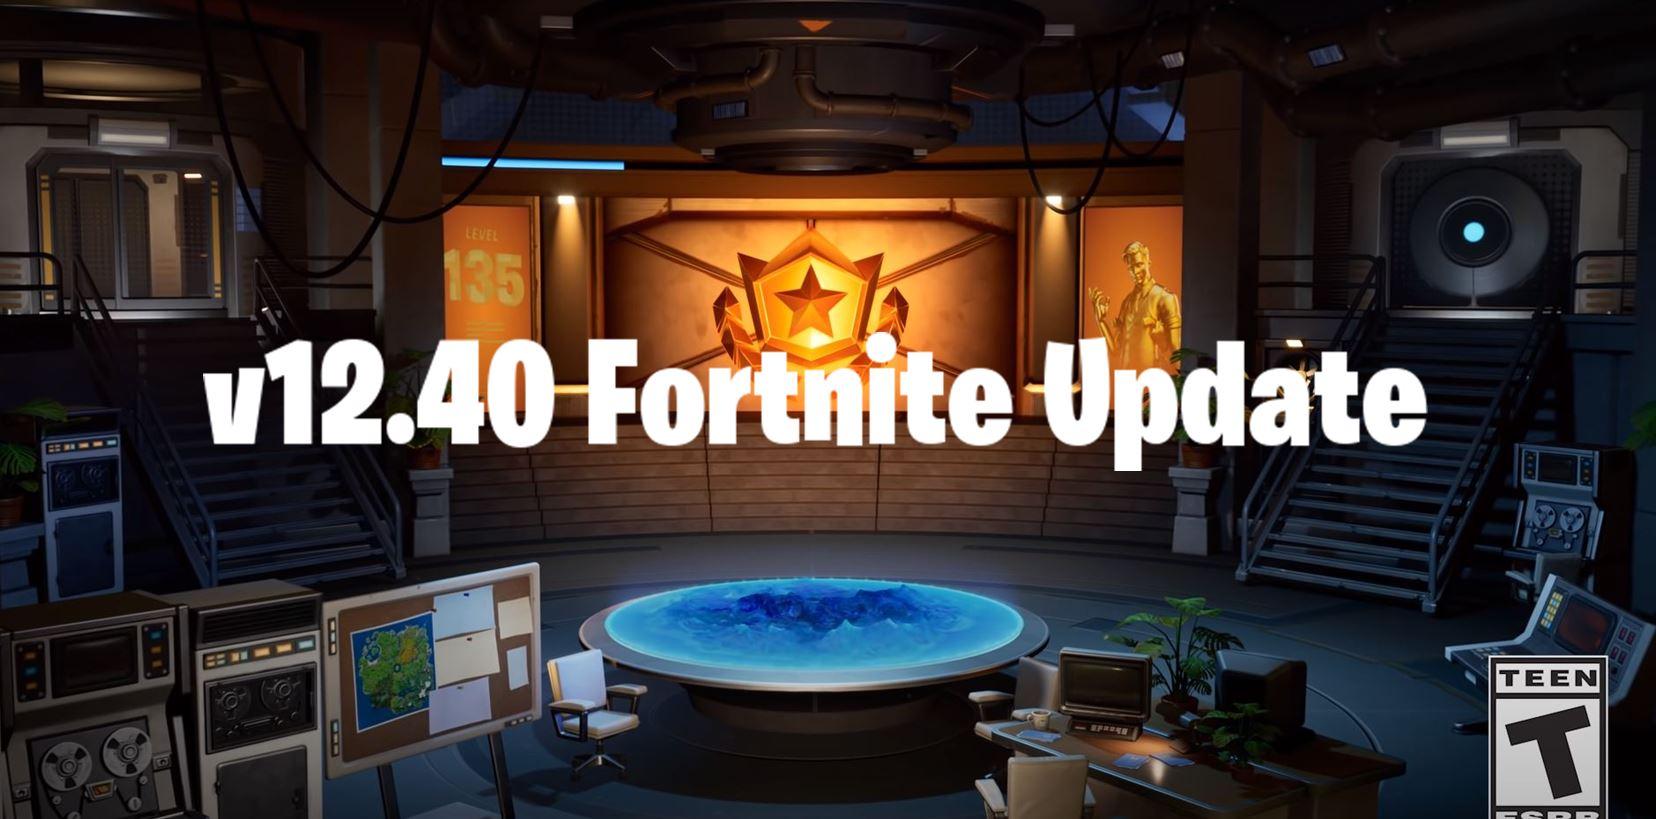 Fortnite Update v12.40